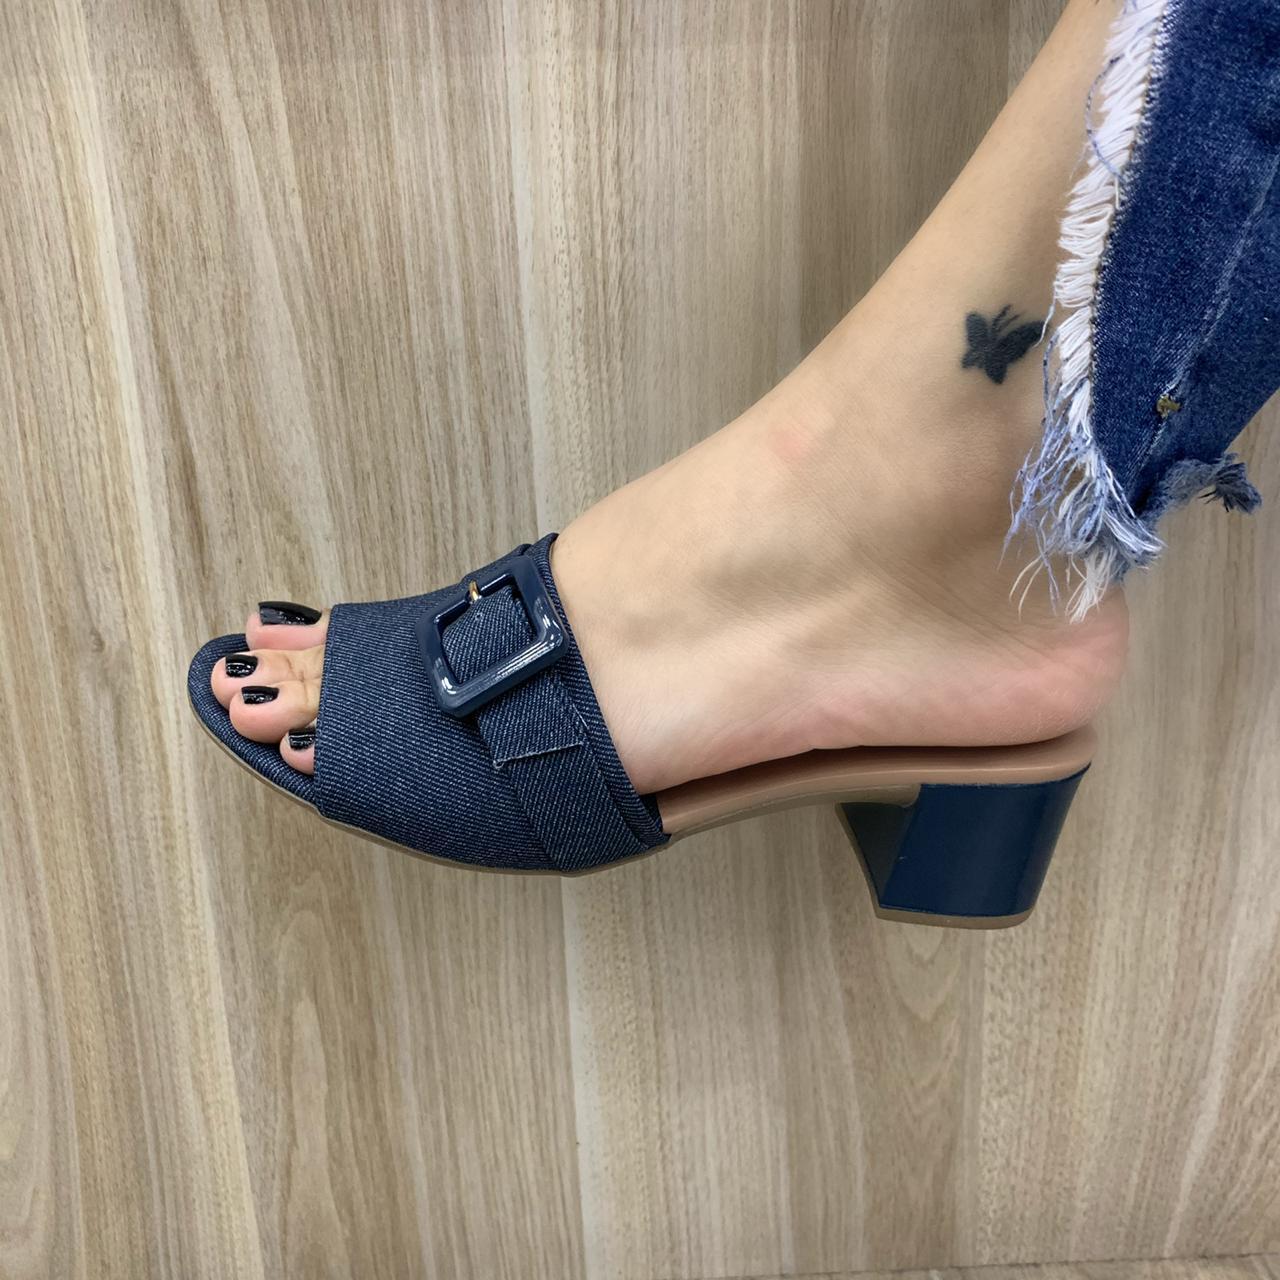 Tamanco Ramarim Casual Salto Grosso Jeans 196202 Feminino